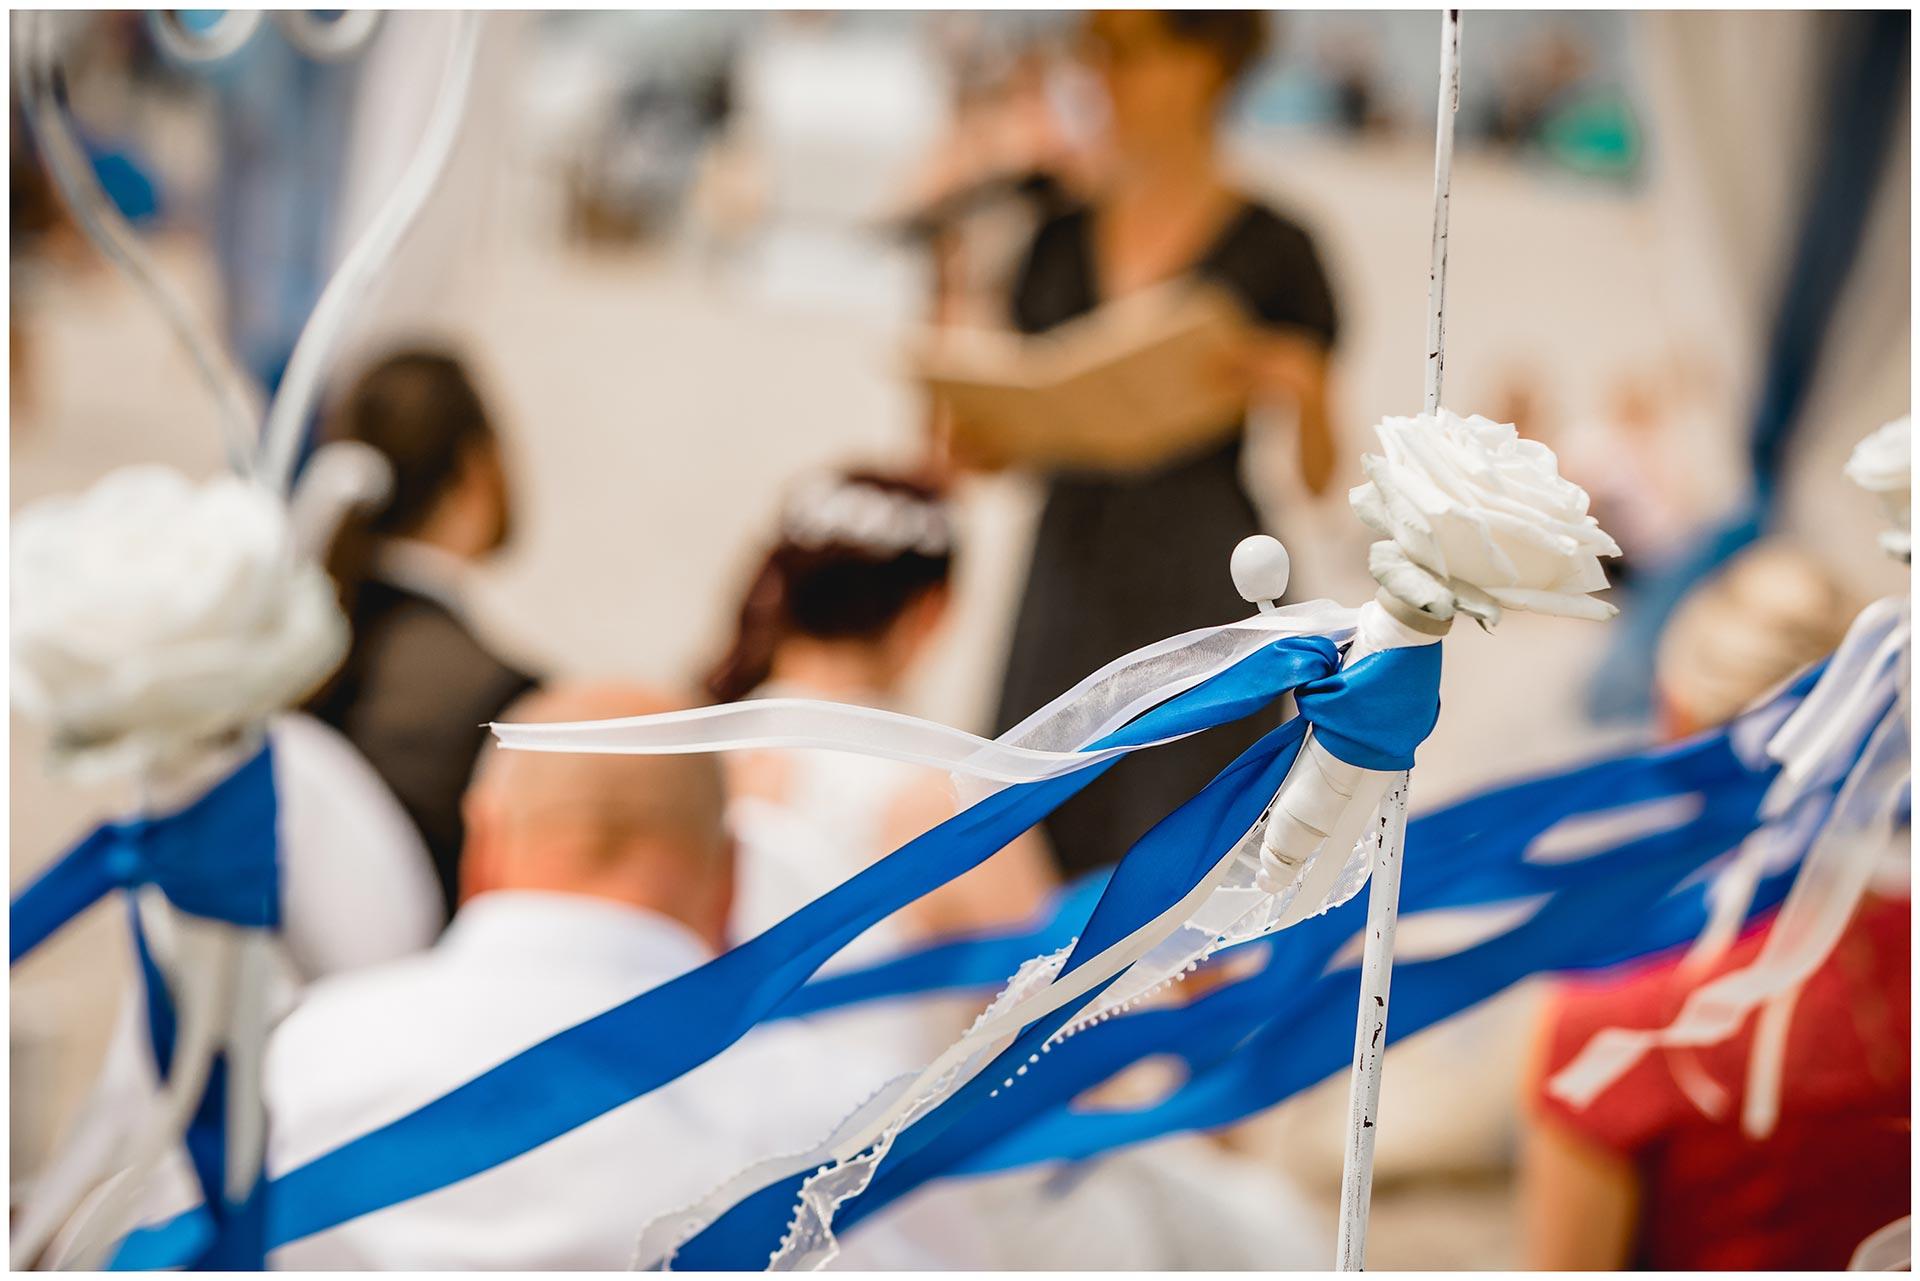 Weisse-Rose_Hochzeitsdekoration-Hochzeit-am-Strand-Hochzeitsfotograf-Warnemuende-Hochzeitsfotograf-Rostock-Hochzeitsfotograf-Ostseebad-Warnemuende